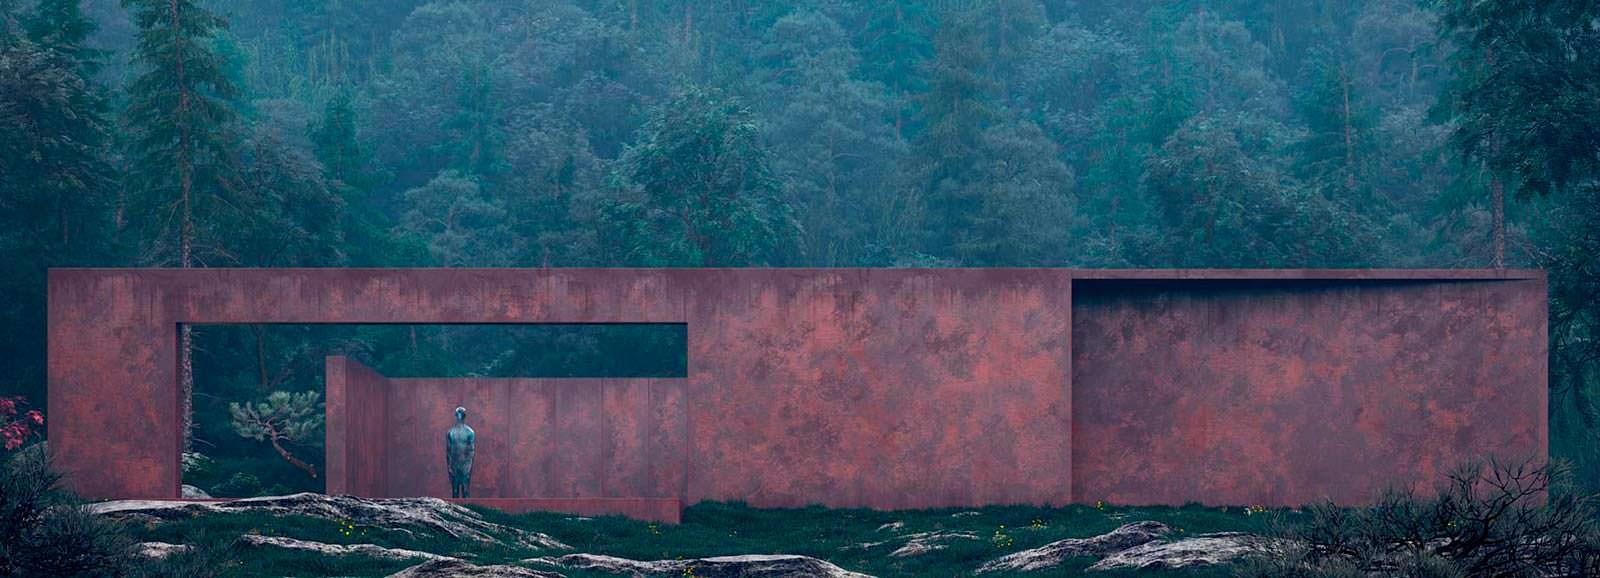 Фото | Дом в горах Украины. Архитектор Сергей Махно